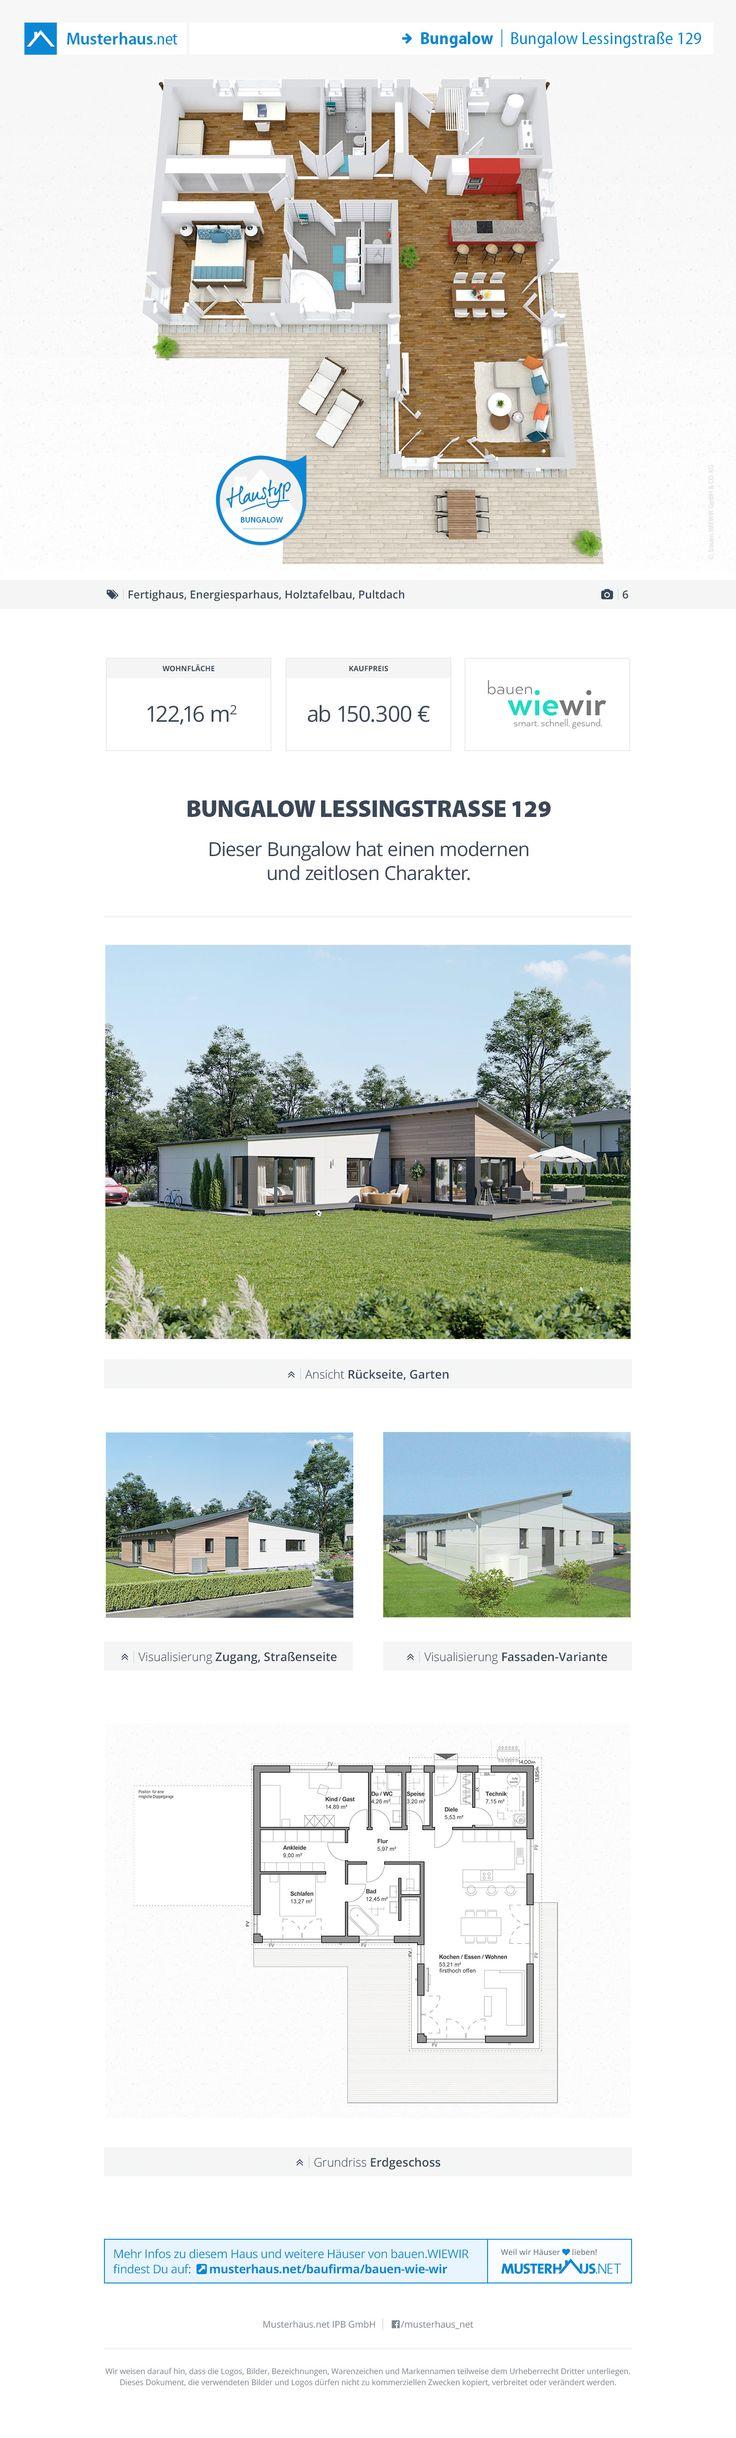 die 25 besten ideen zu winkelbungalow grundriss auf pinterest winkelbungalow bungalow. Black Bedroom Furniture Sets. Home Design Ideas